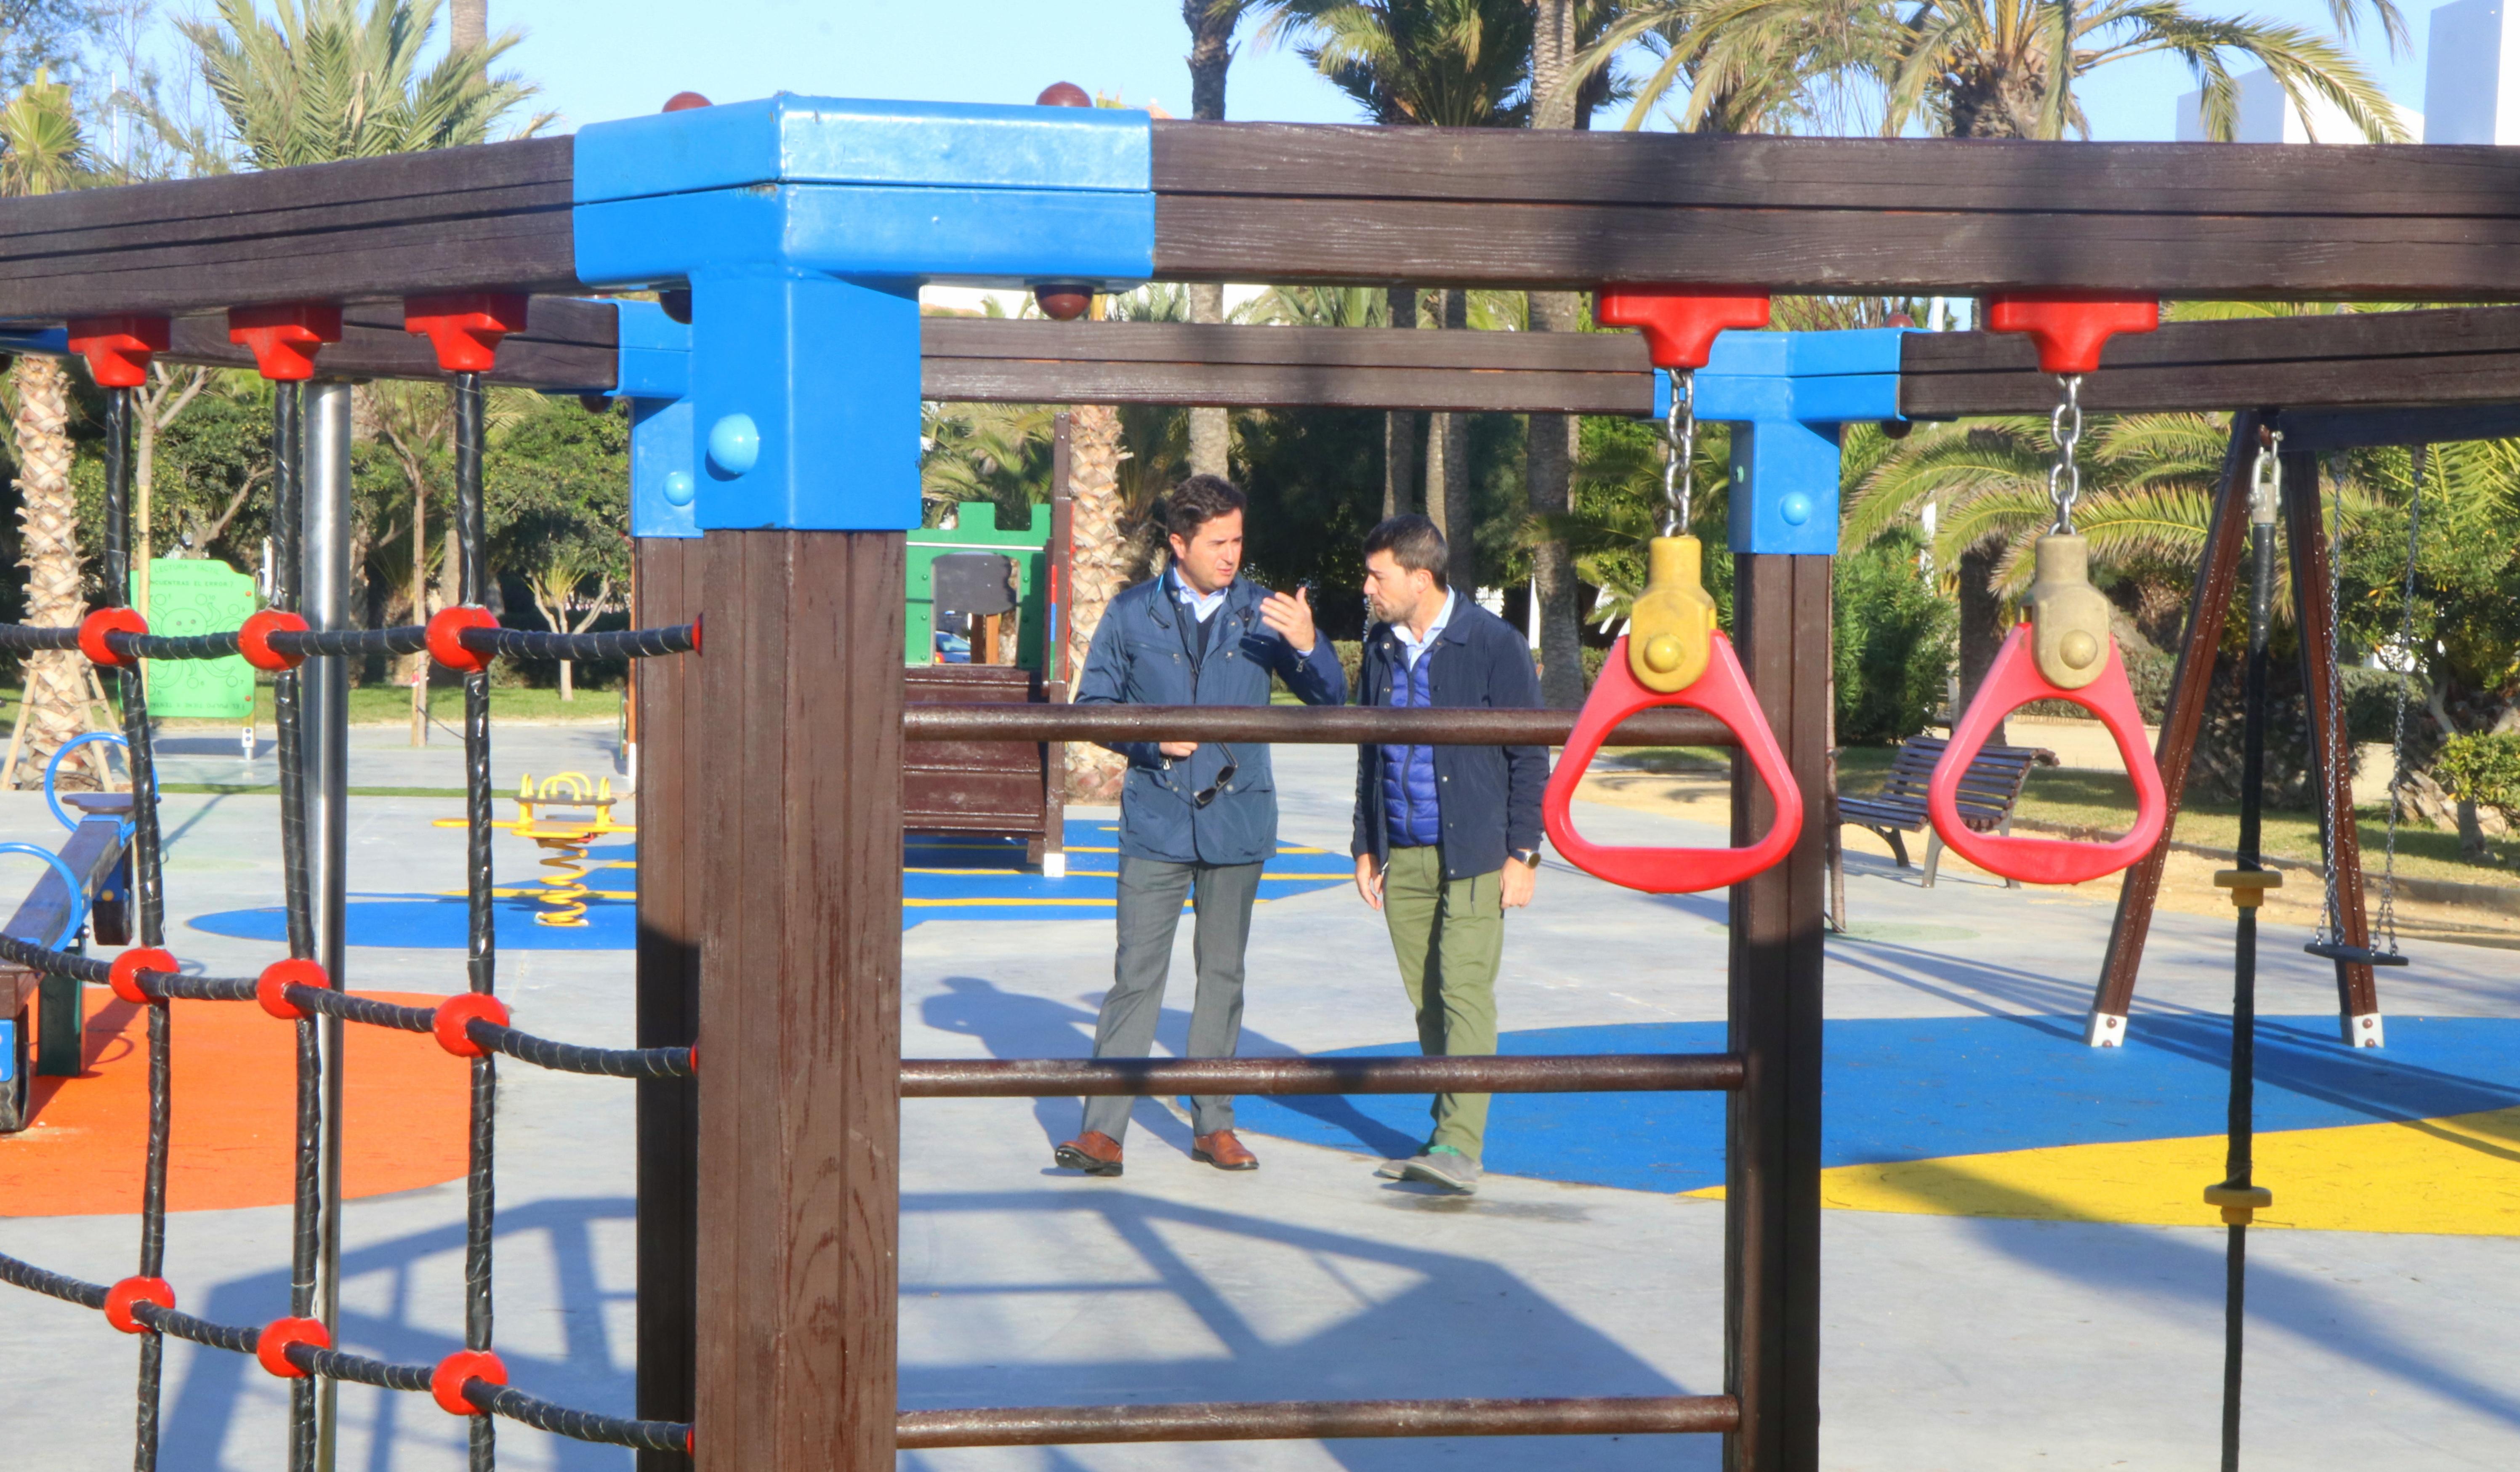 Almerimar ya cuenta con un moderno y amplio parque en Levante que dispone de una superficie de 1.000 metros cuadrados para uso y disfrute de todos los vecinos